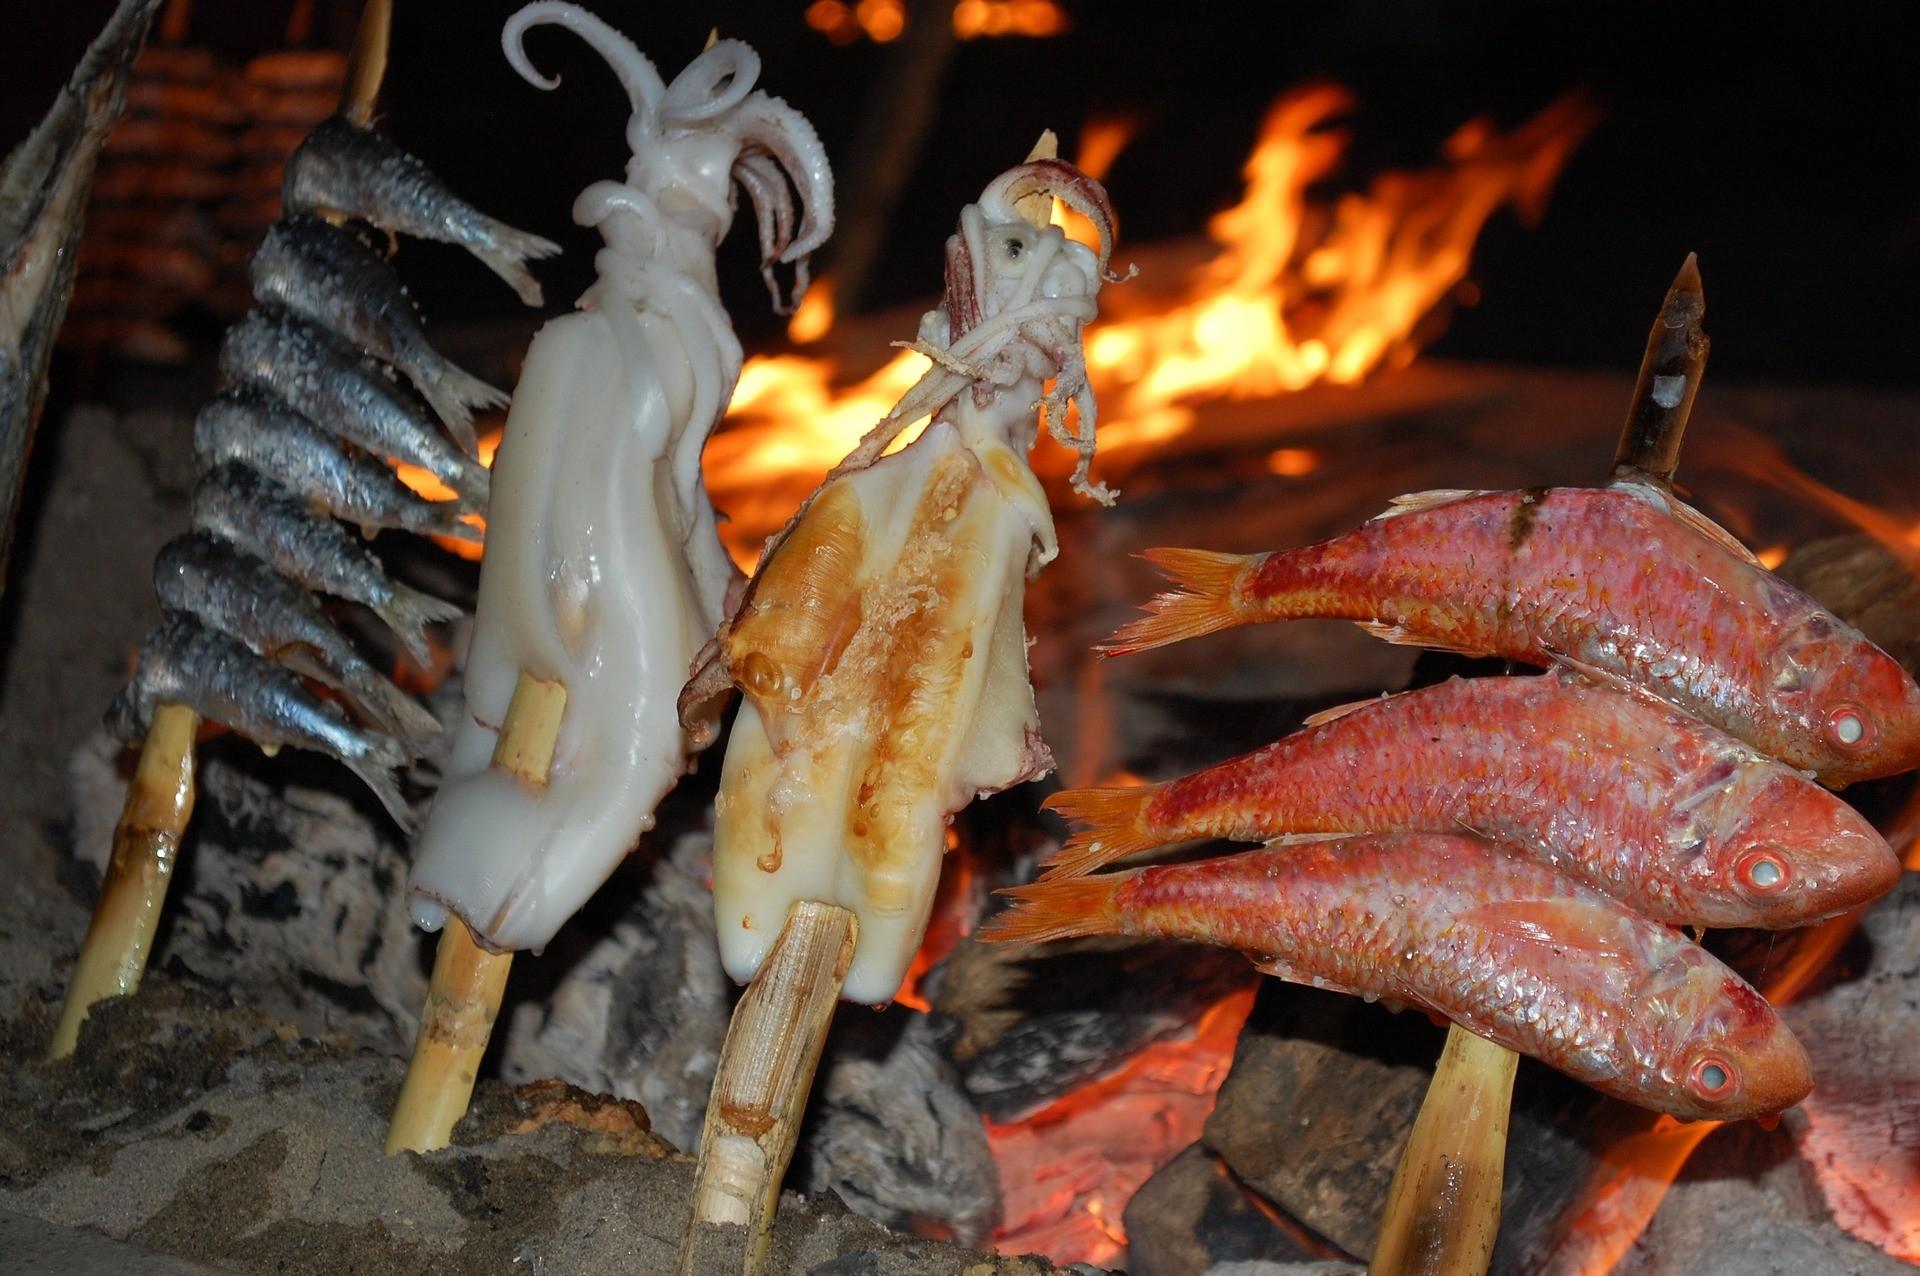 ¿Por qué nos gustan tanto los Chiringuitos?